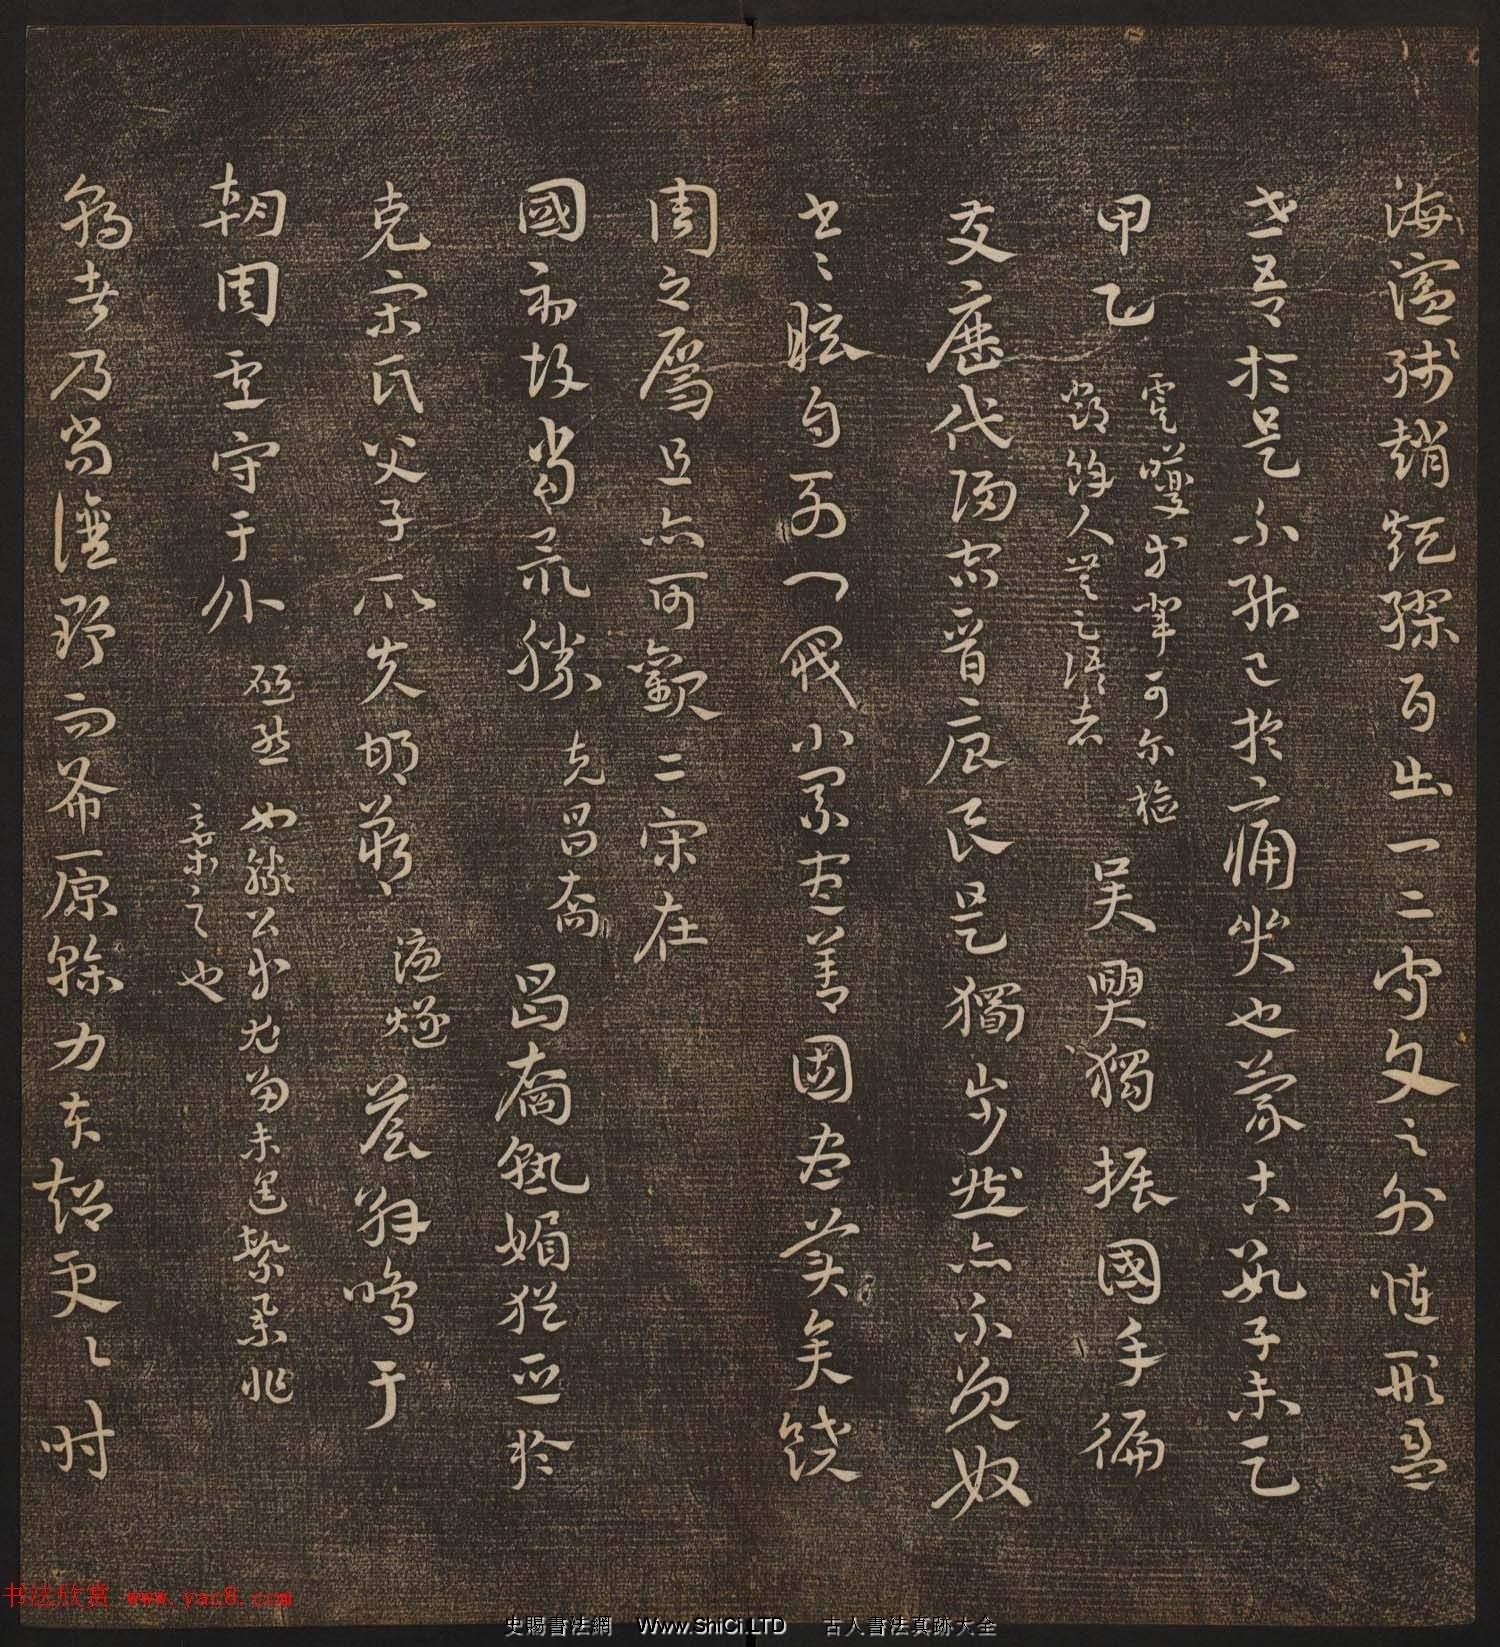 文征明輯《停雲館帖》卷第十一祝支山專集